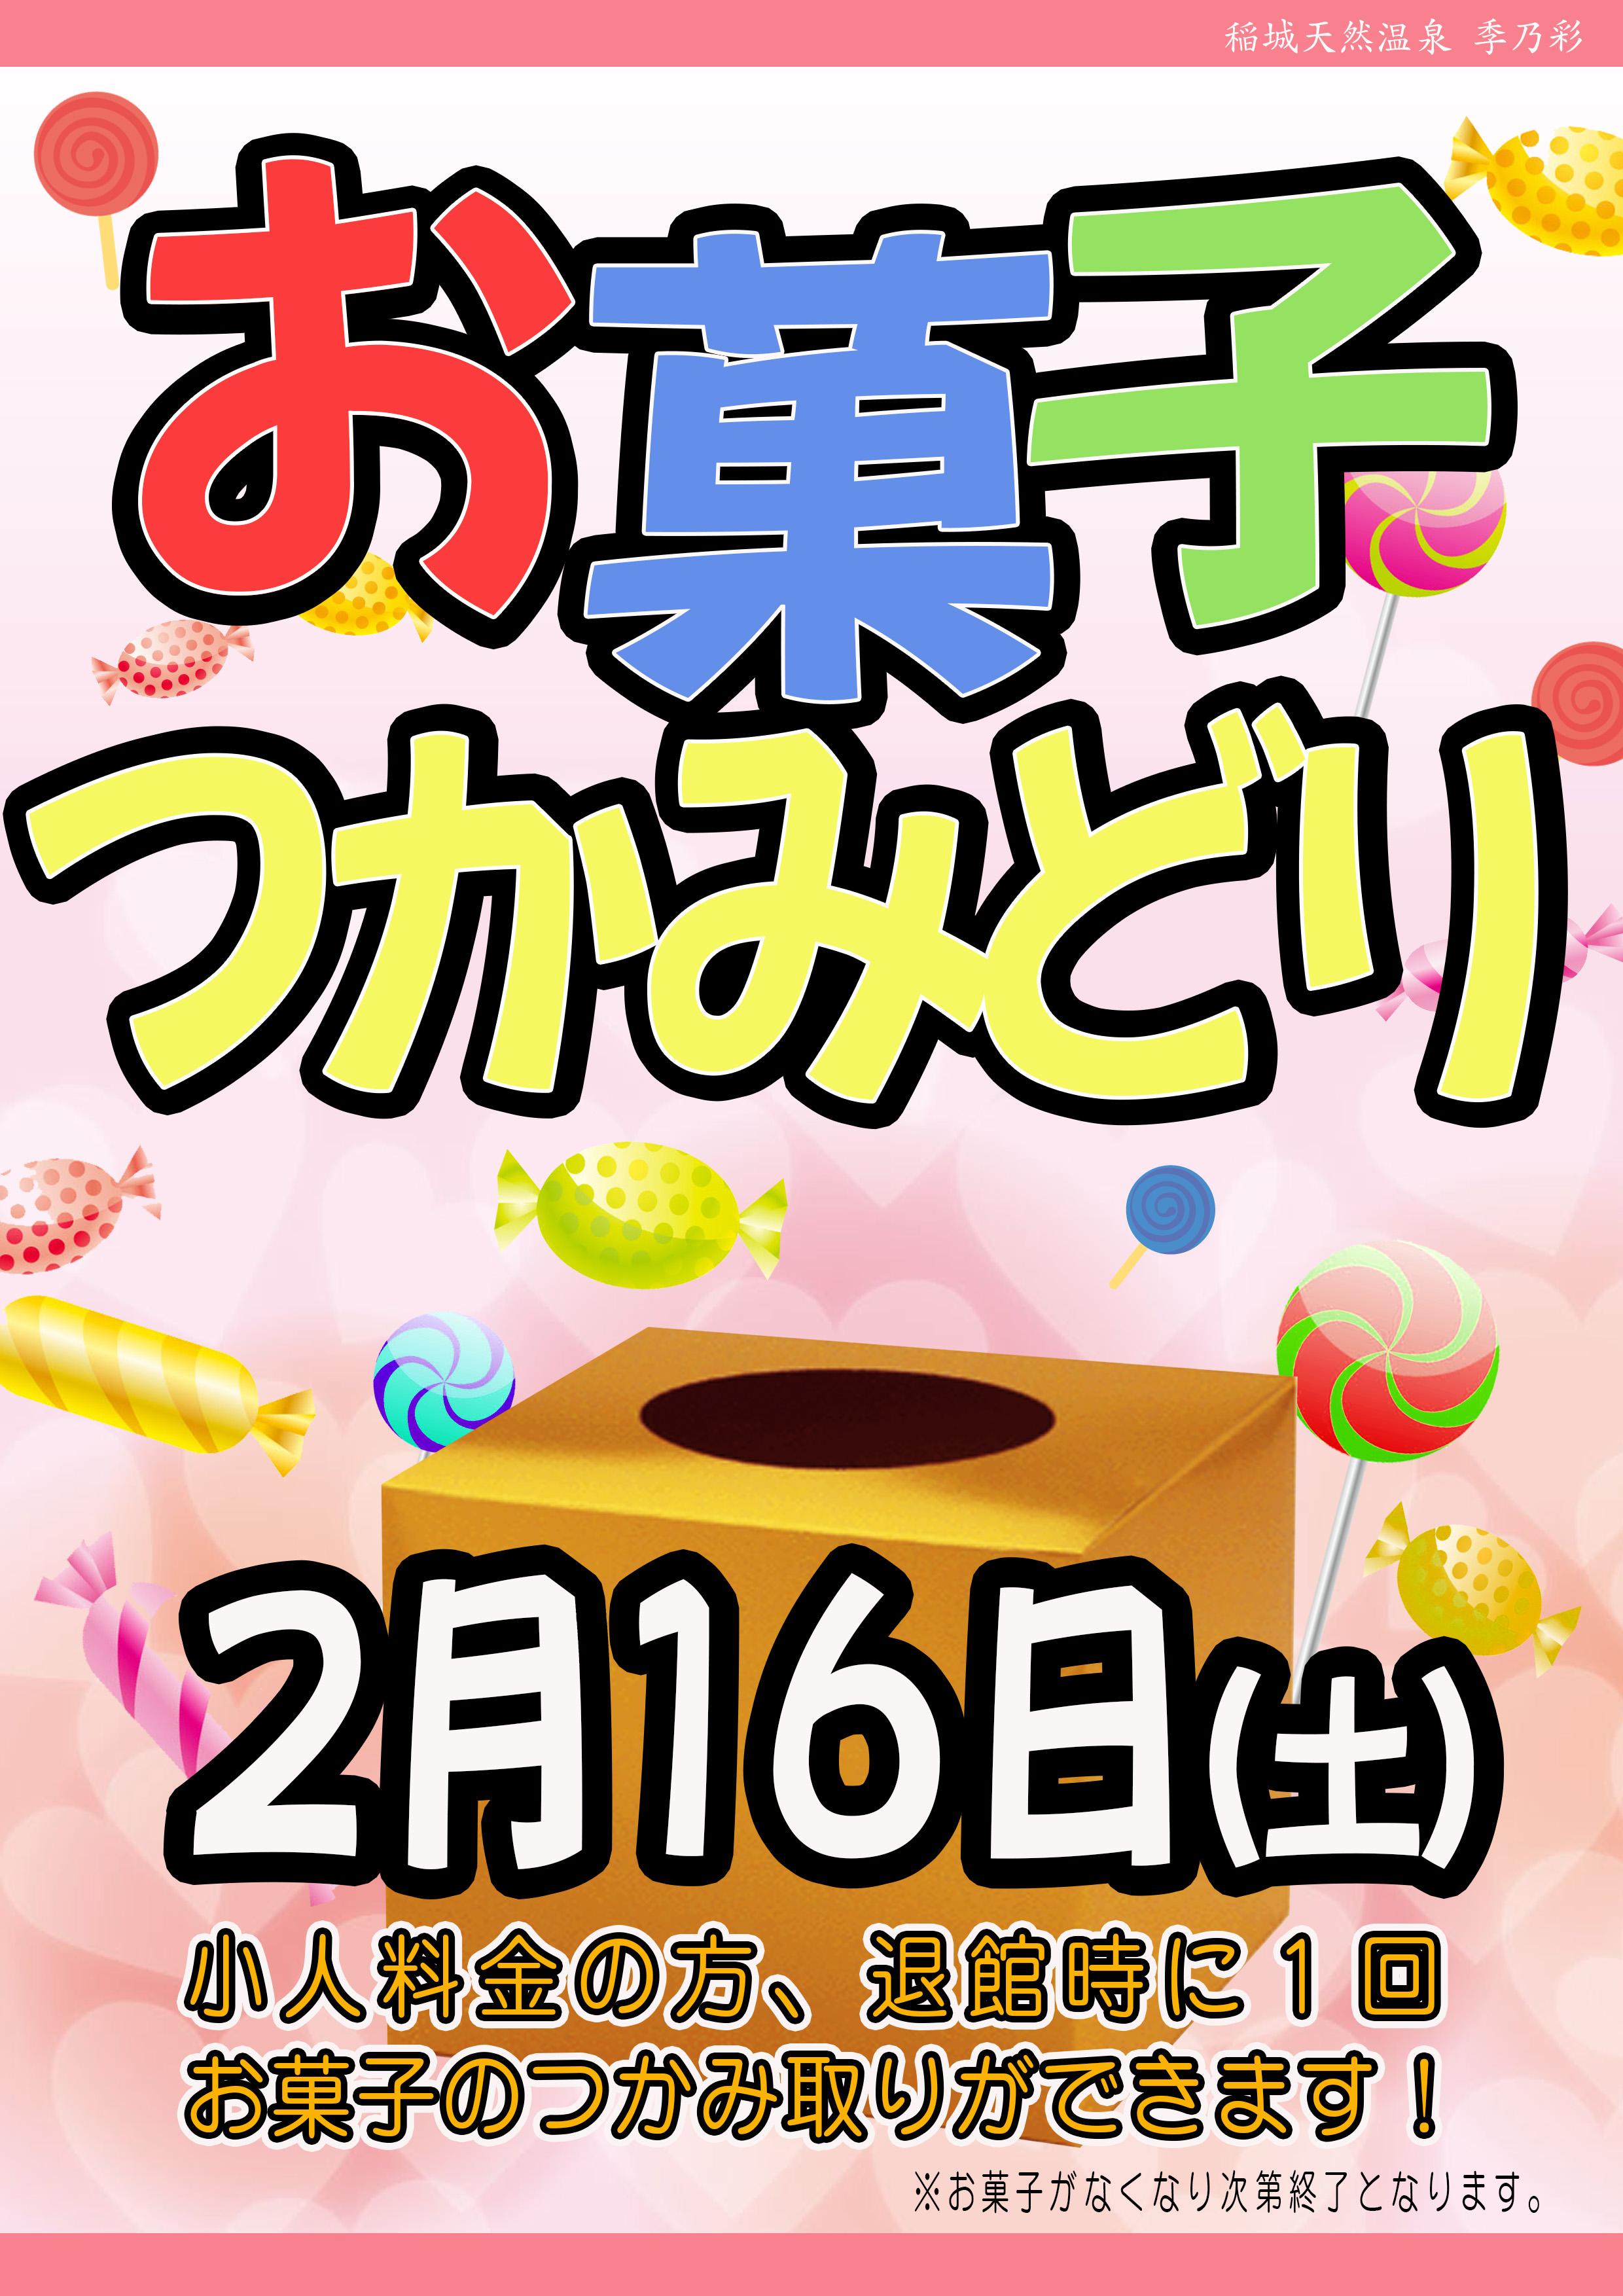 201902 POP イベント お菓子つかみ取り ピンク